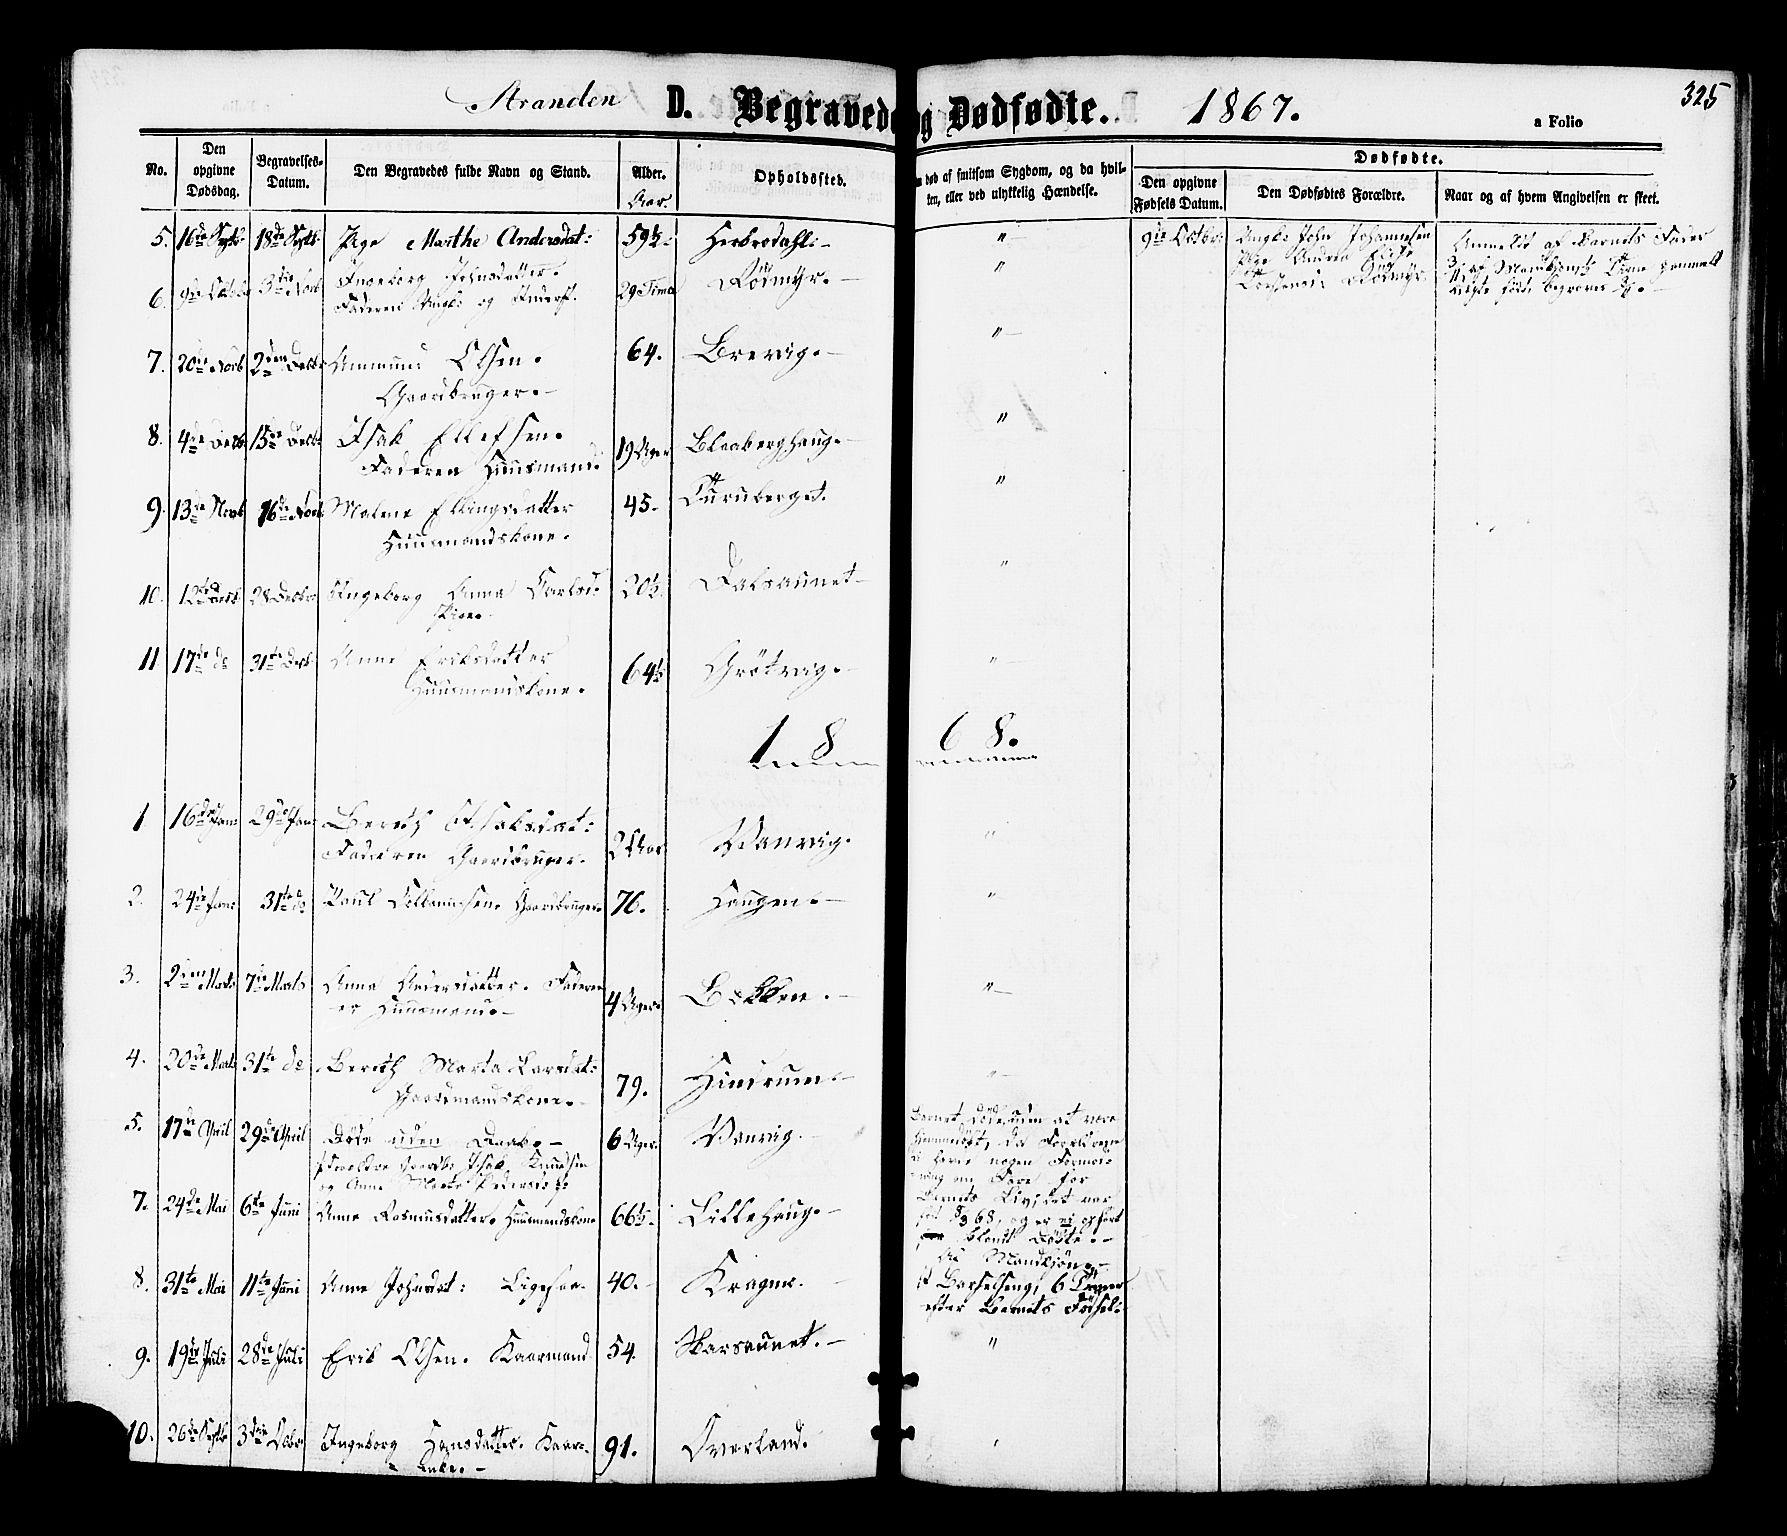 SAT, Ministerialprotokoller, klokkerbøker og fødselsregistre - Nord-Trøndelag, 701/L0009: Ministerialbok nr. 701A09 /2, 1864-1882, s. 325